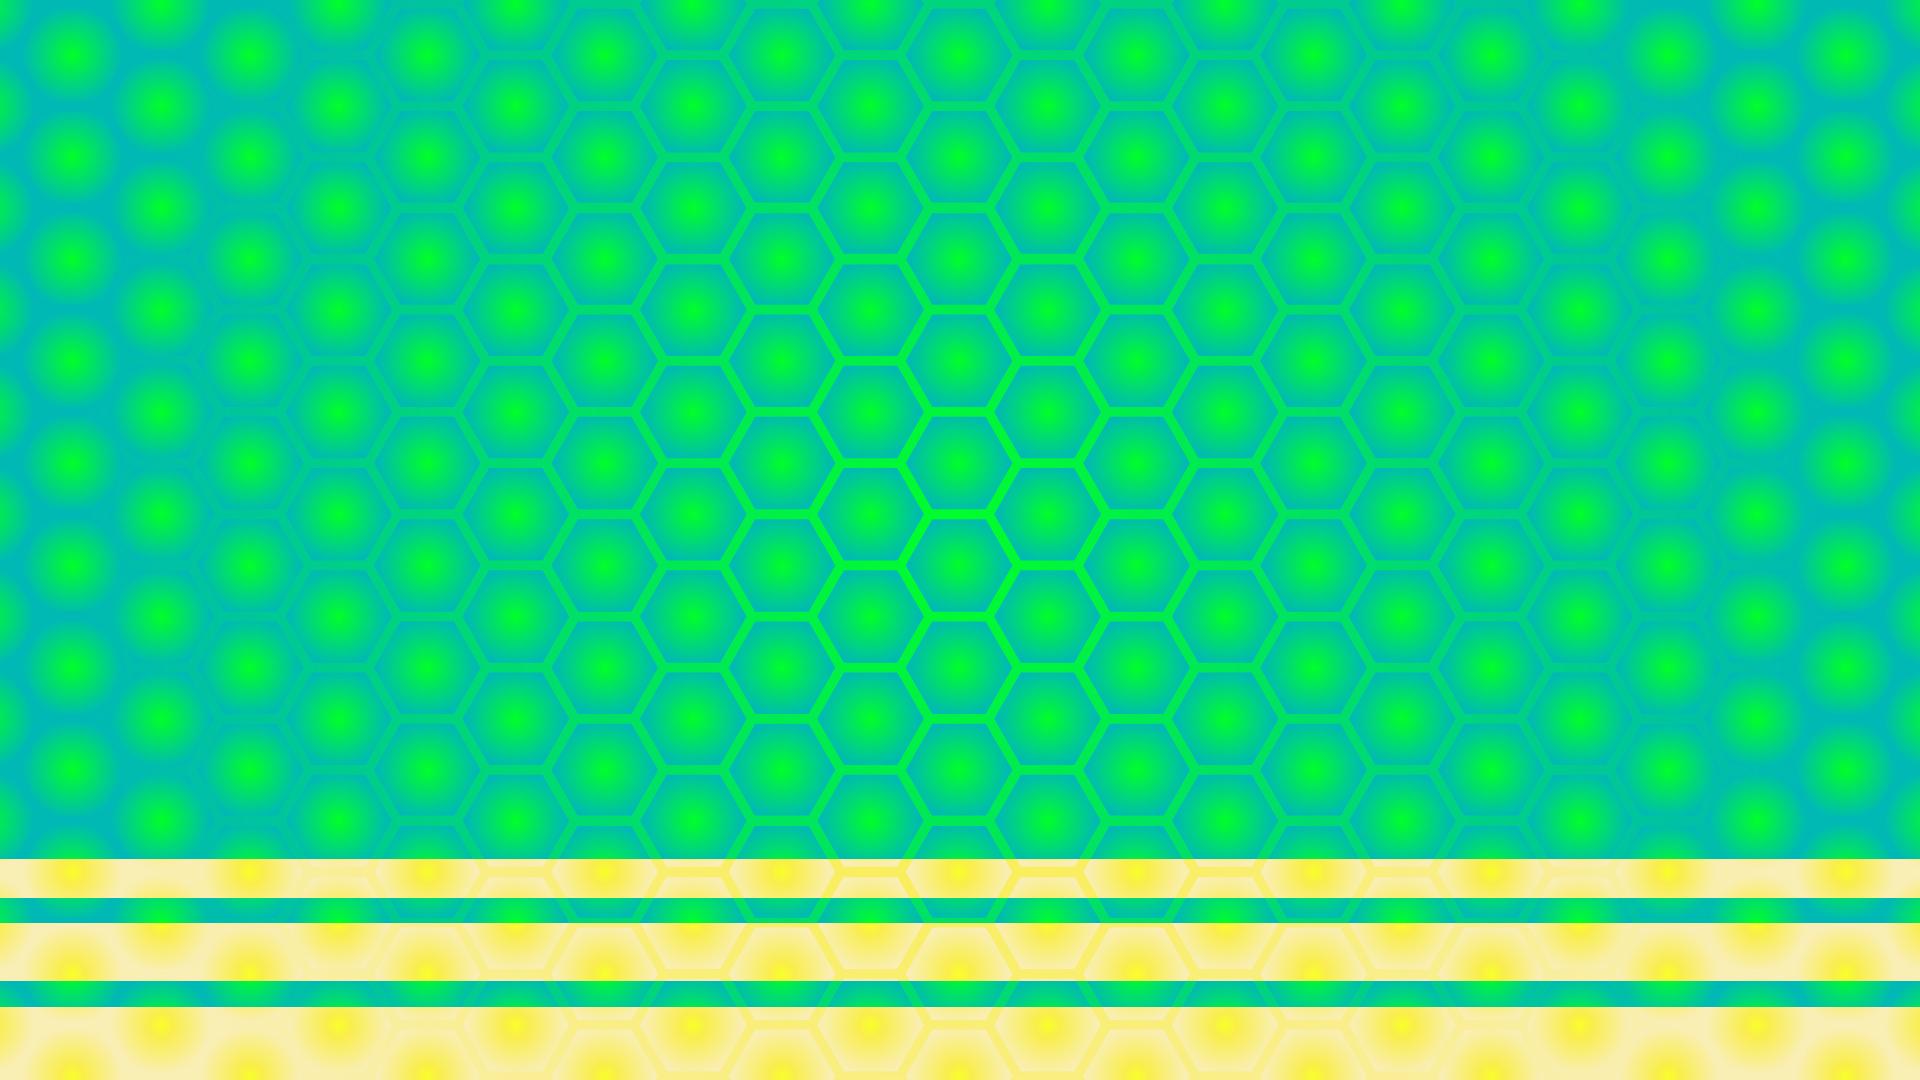 蜂の巣模様(緑)の壁紙・背景素材 1,920px×1,080px